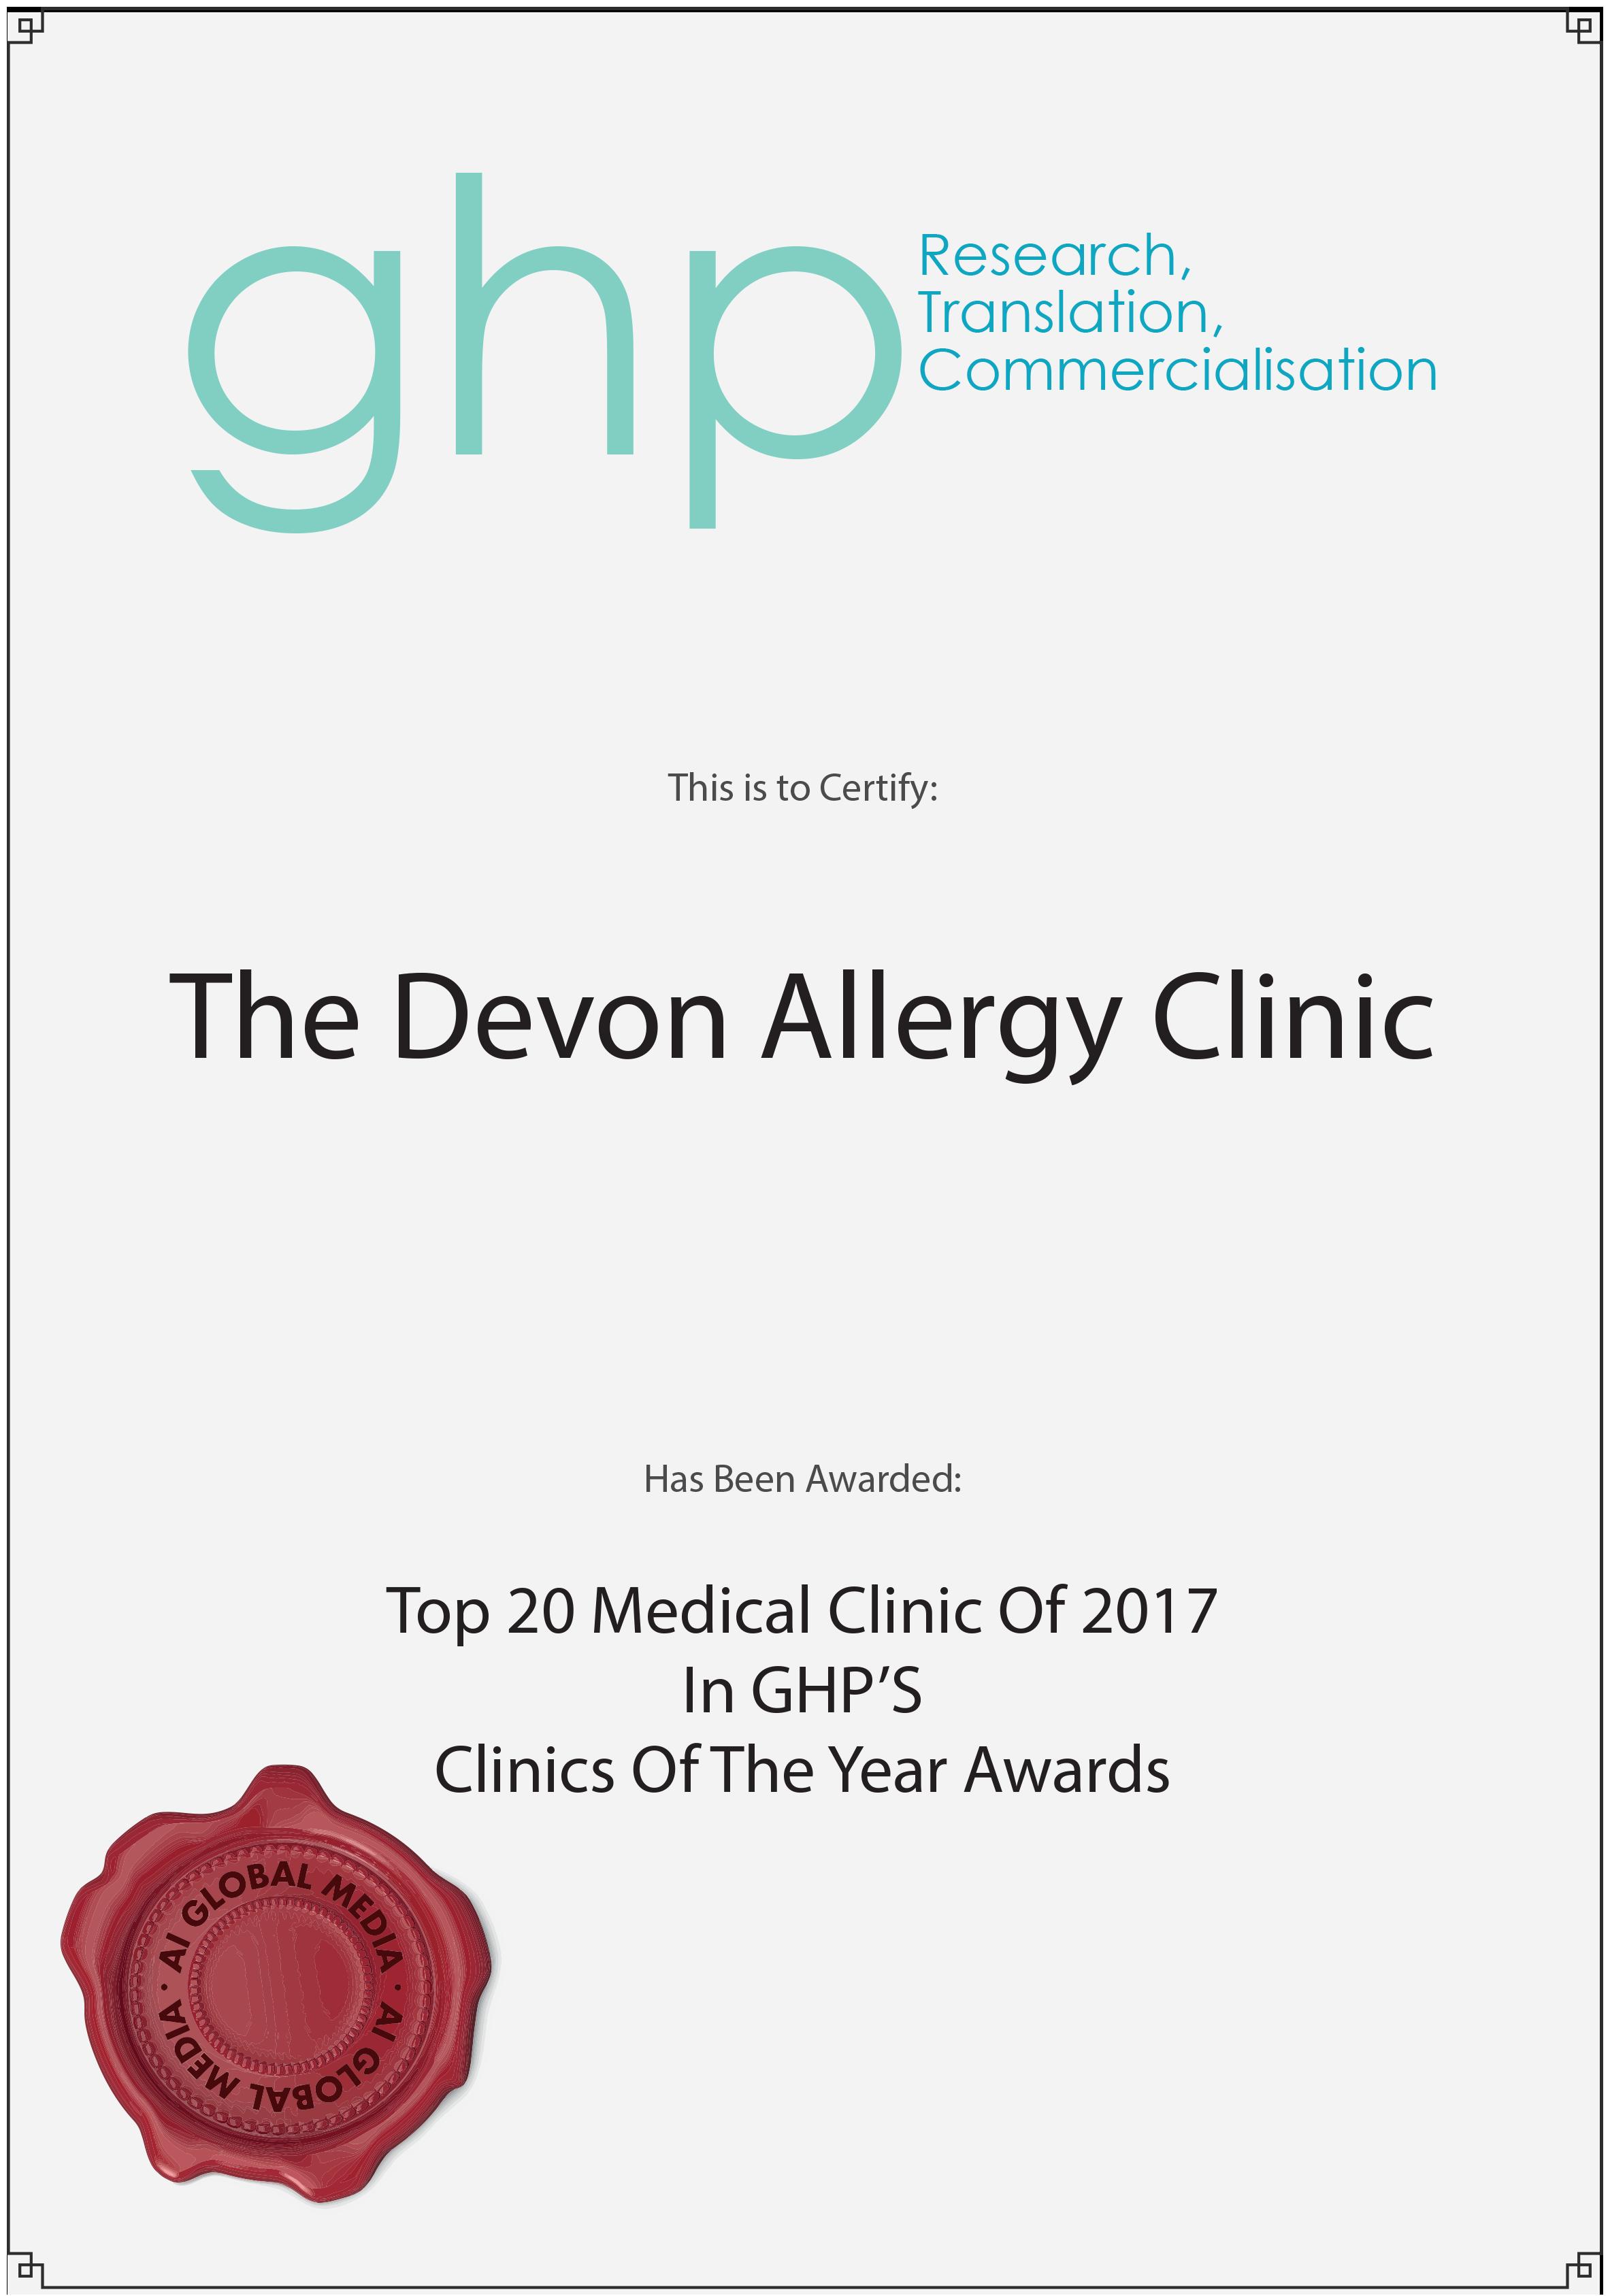 The Devon Allergy Clinic